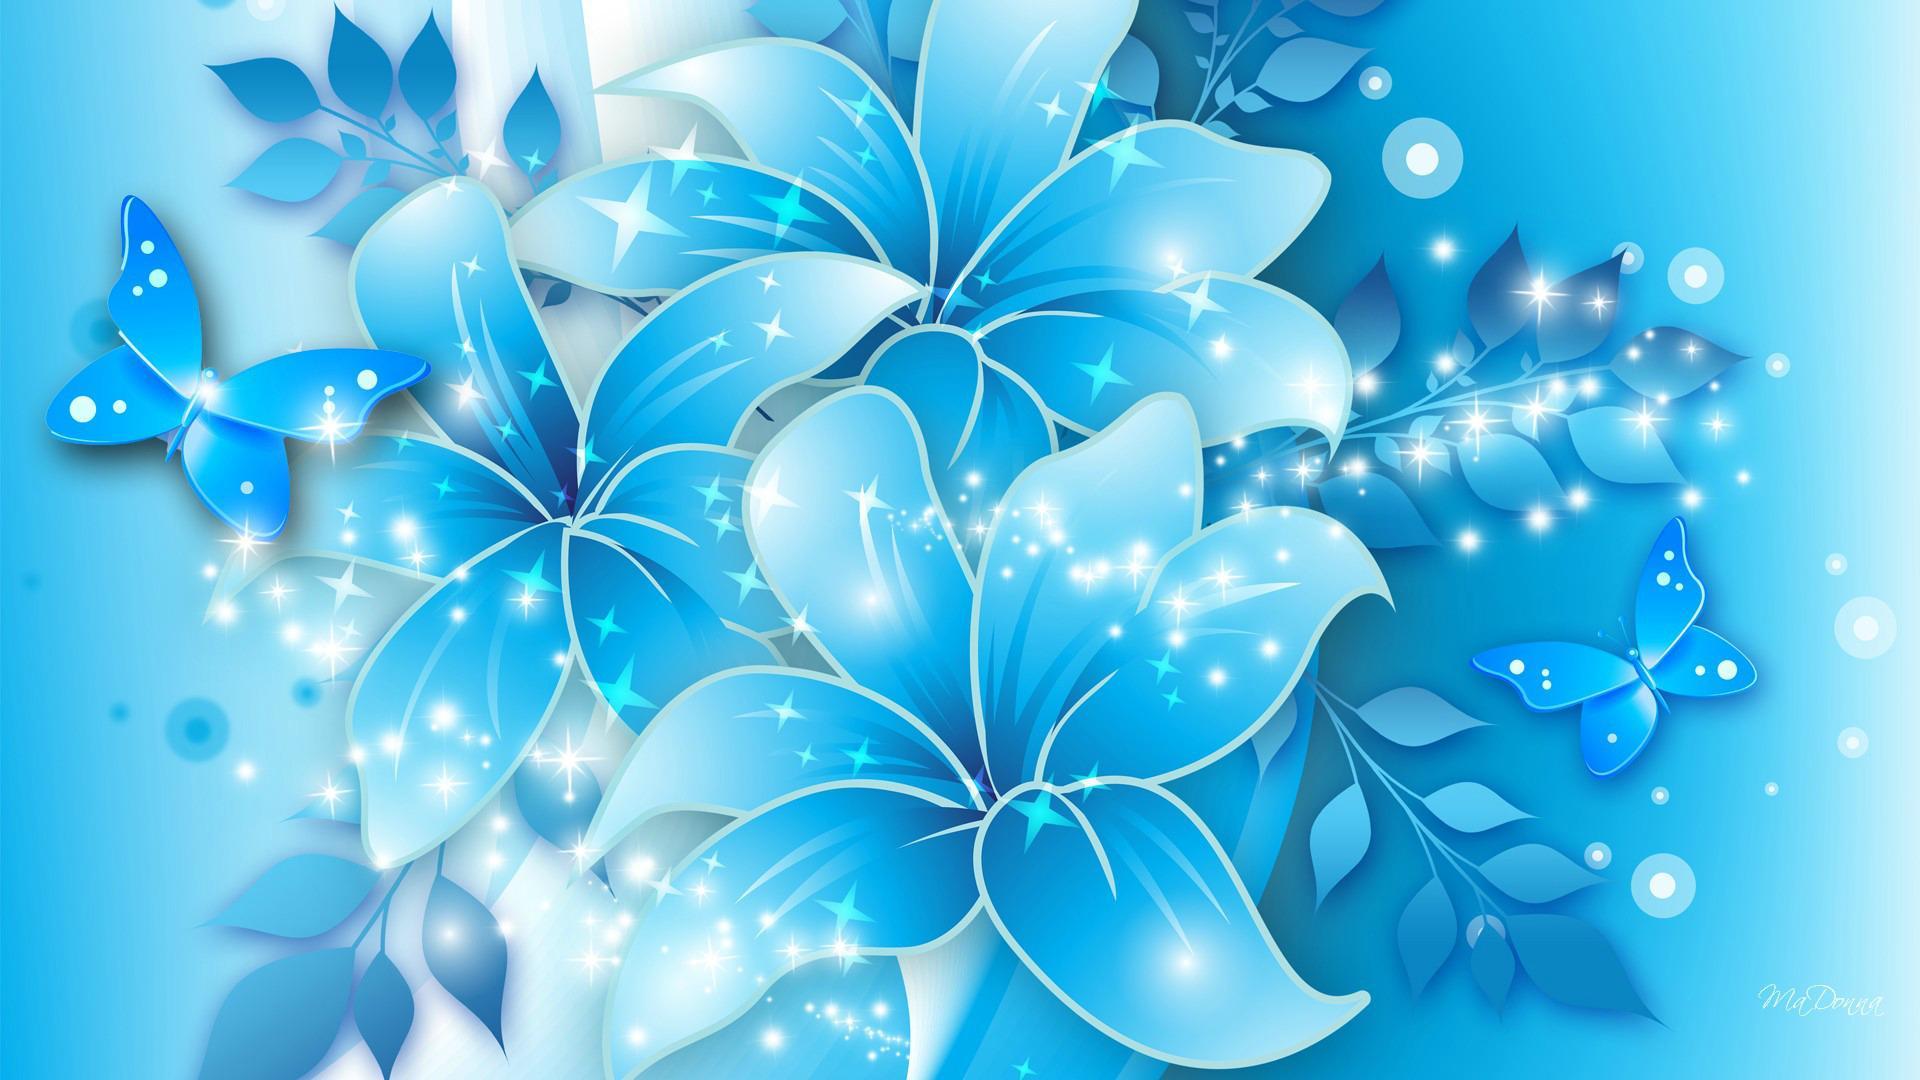 blue flowers wallpaper   hd wallpapers pulse